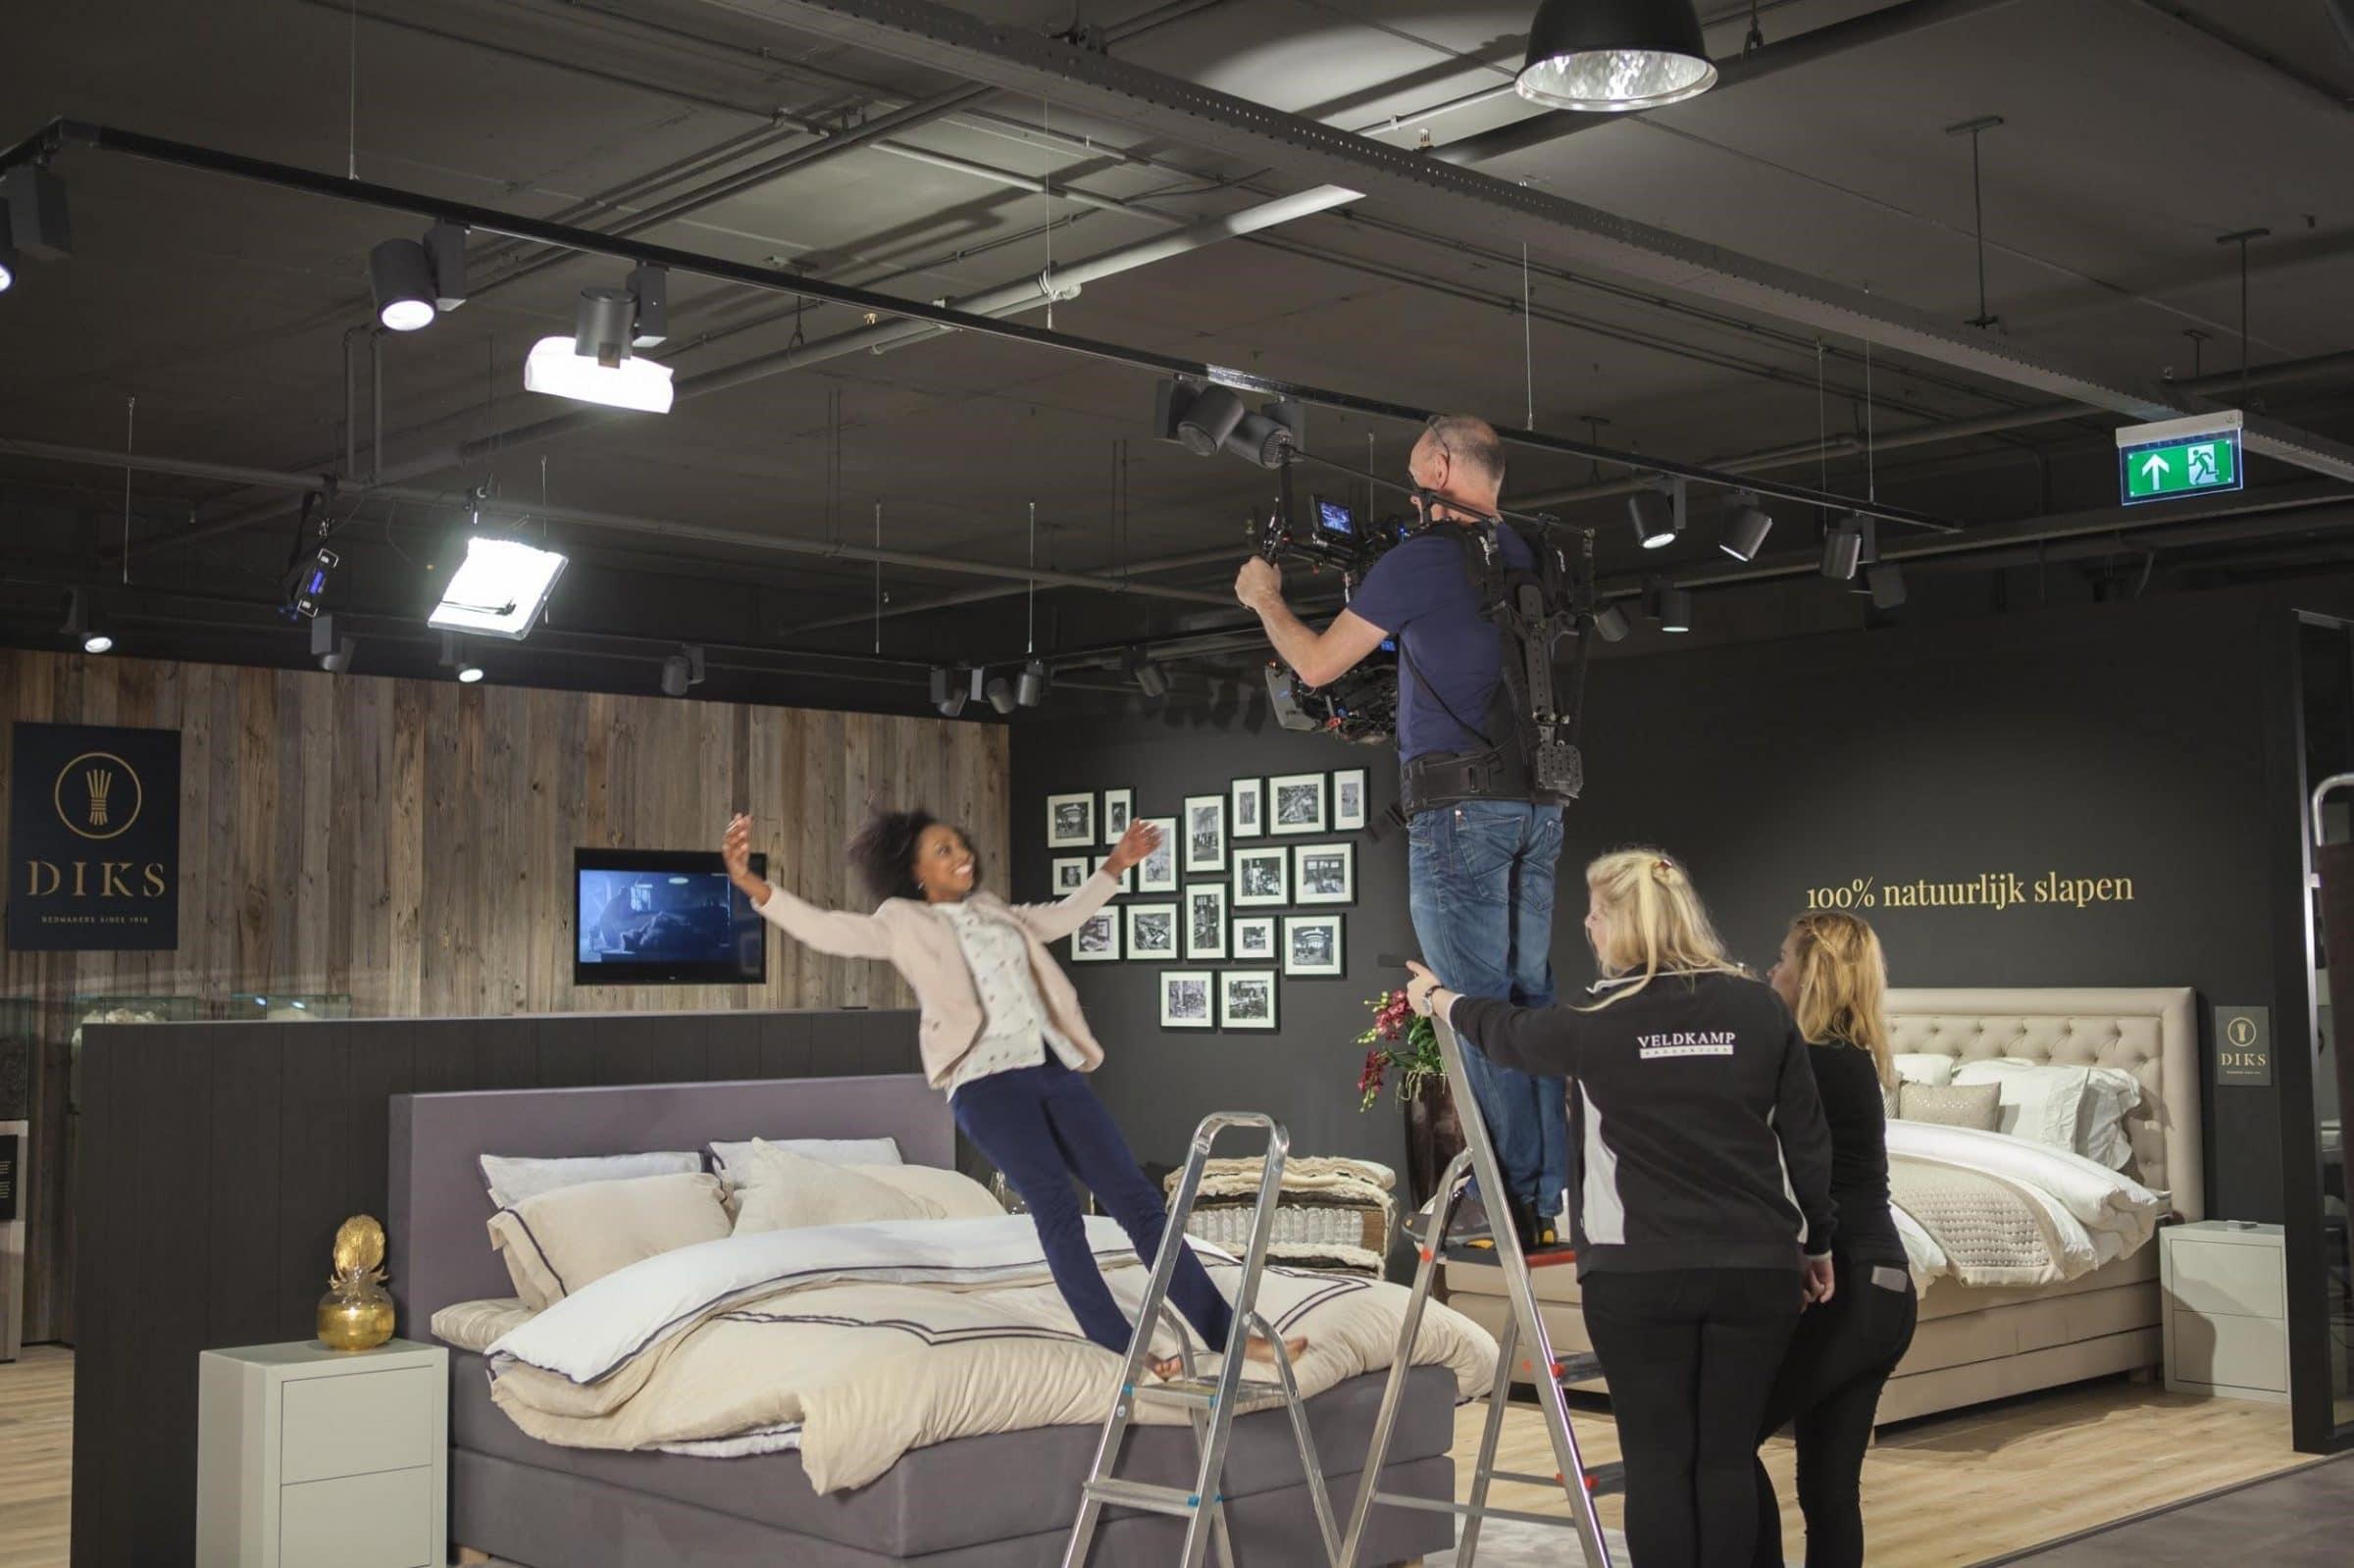 Figurante valt op bed terwijl opnames worden gemaakt